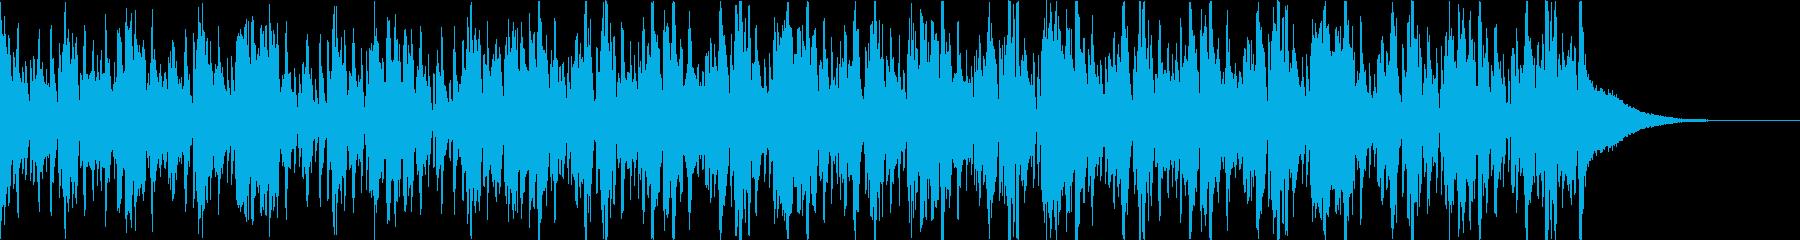 Pf「山車」和風現代ジャズの再生済みの波形